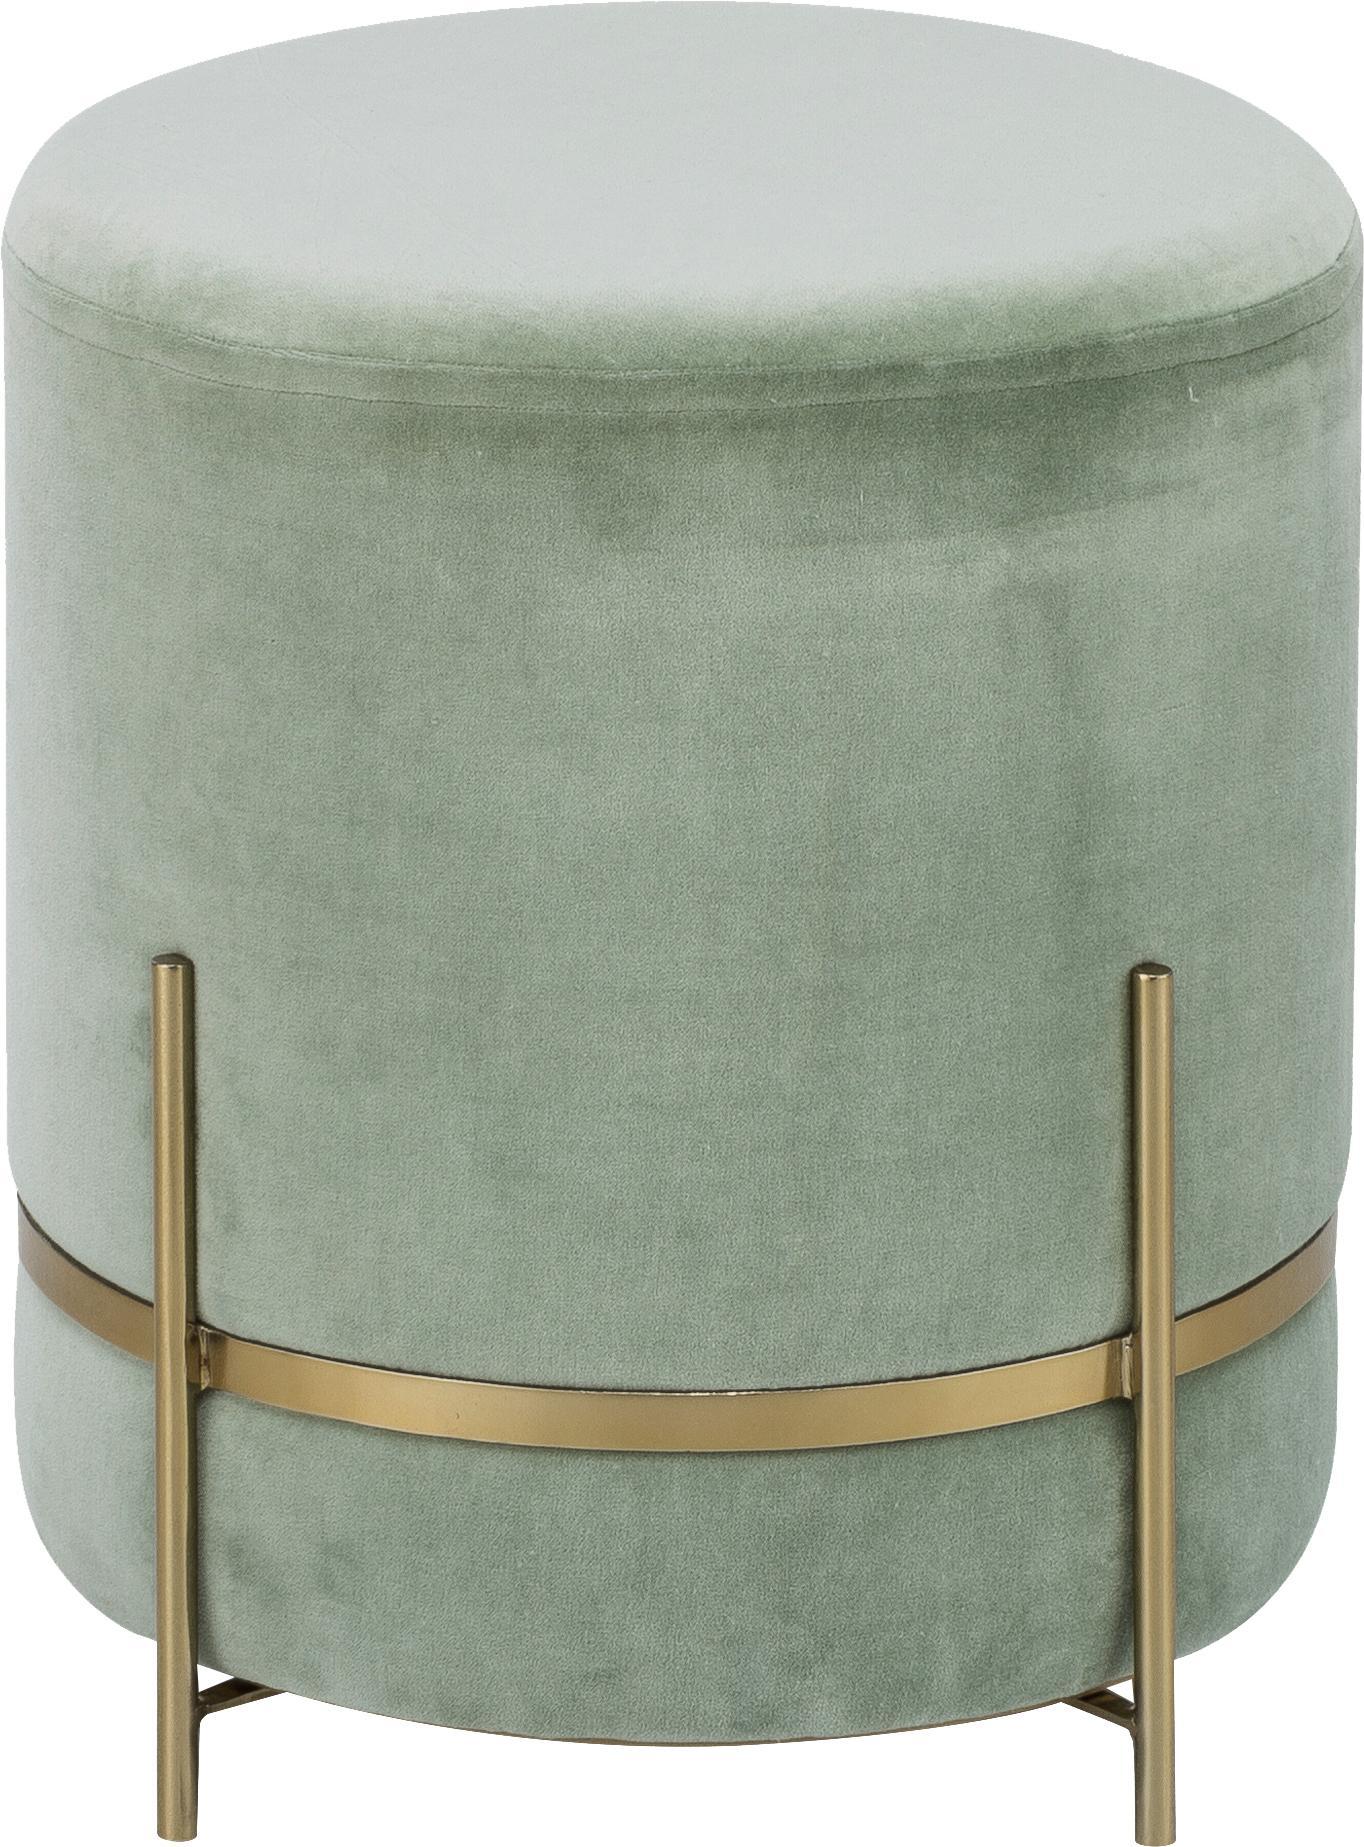 Samt-Hocker Haven, Bezug: Baumwollsamt, Fuß: Metall, pulverbeschichtet, Salbeigrün, Goldfarben, ∅ 38 x H 45 cm